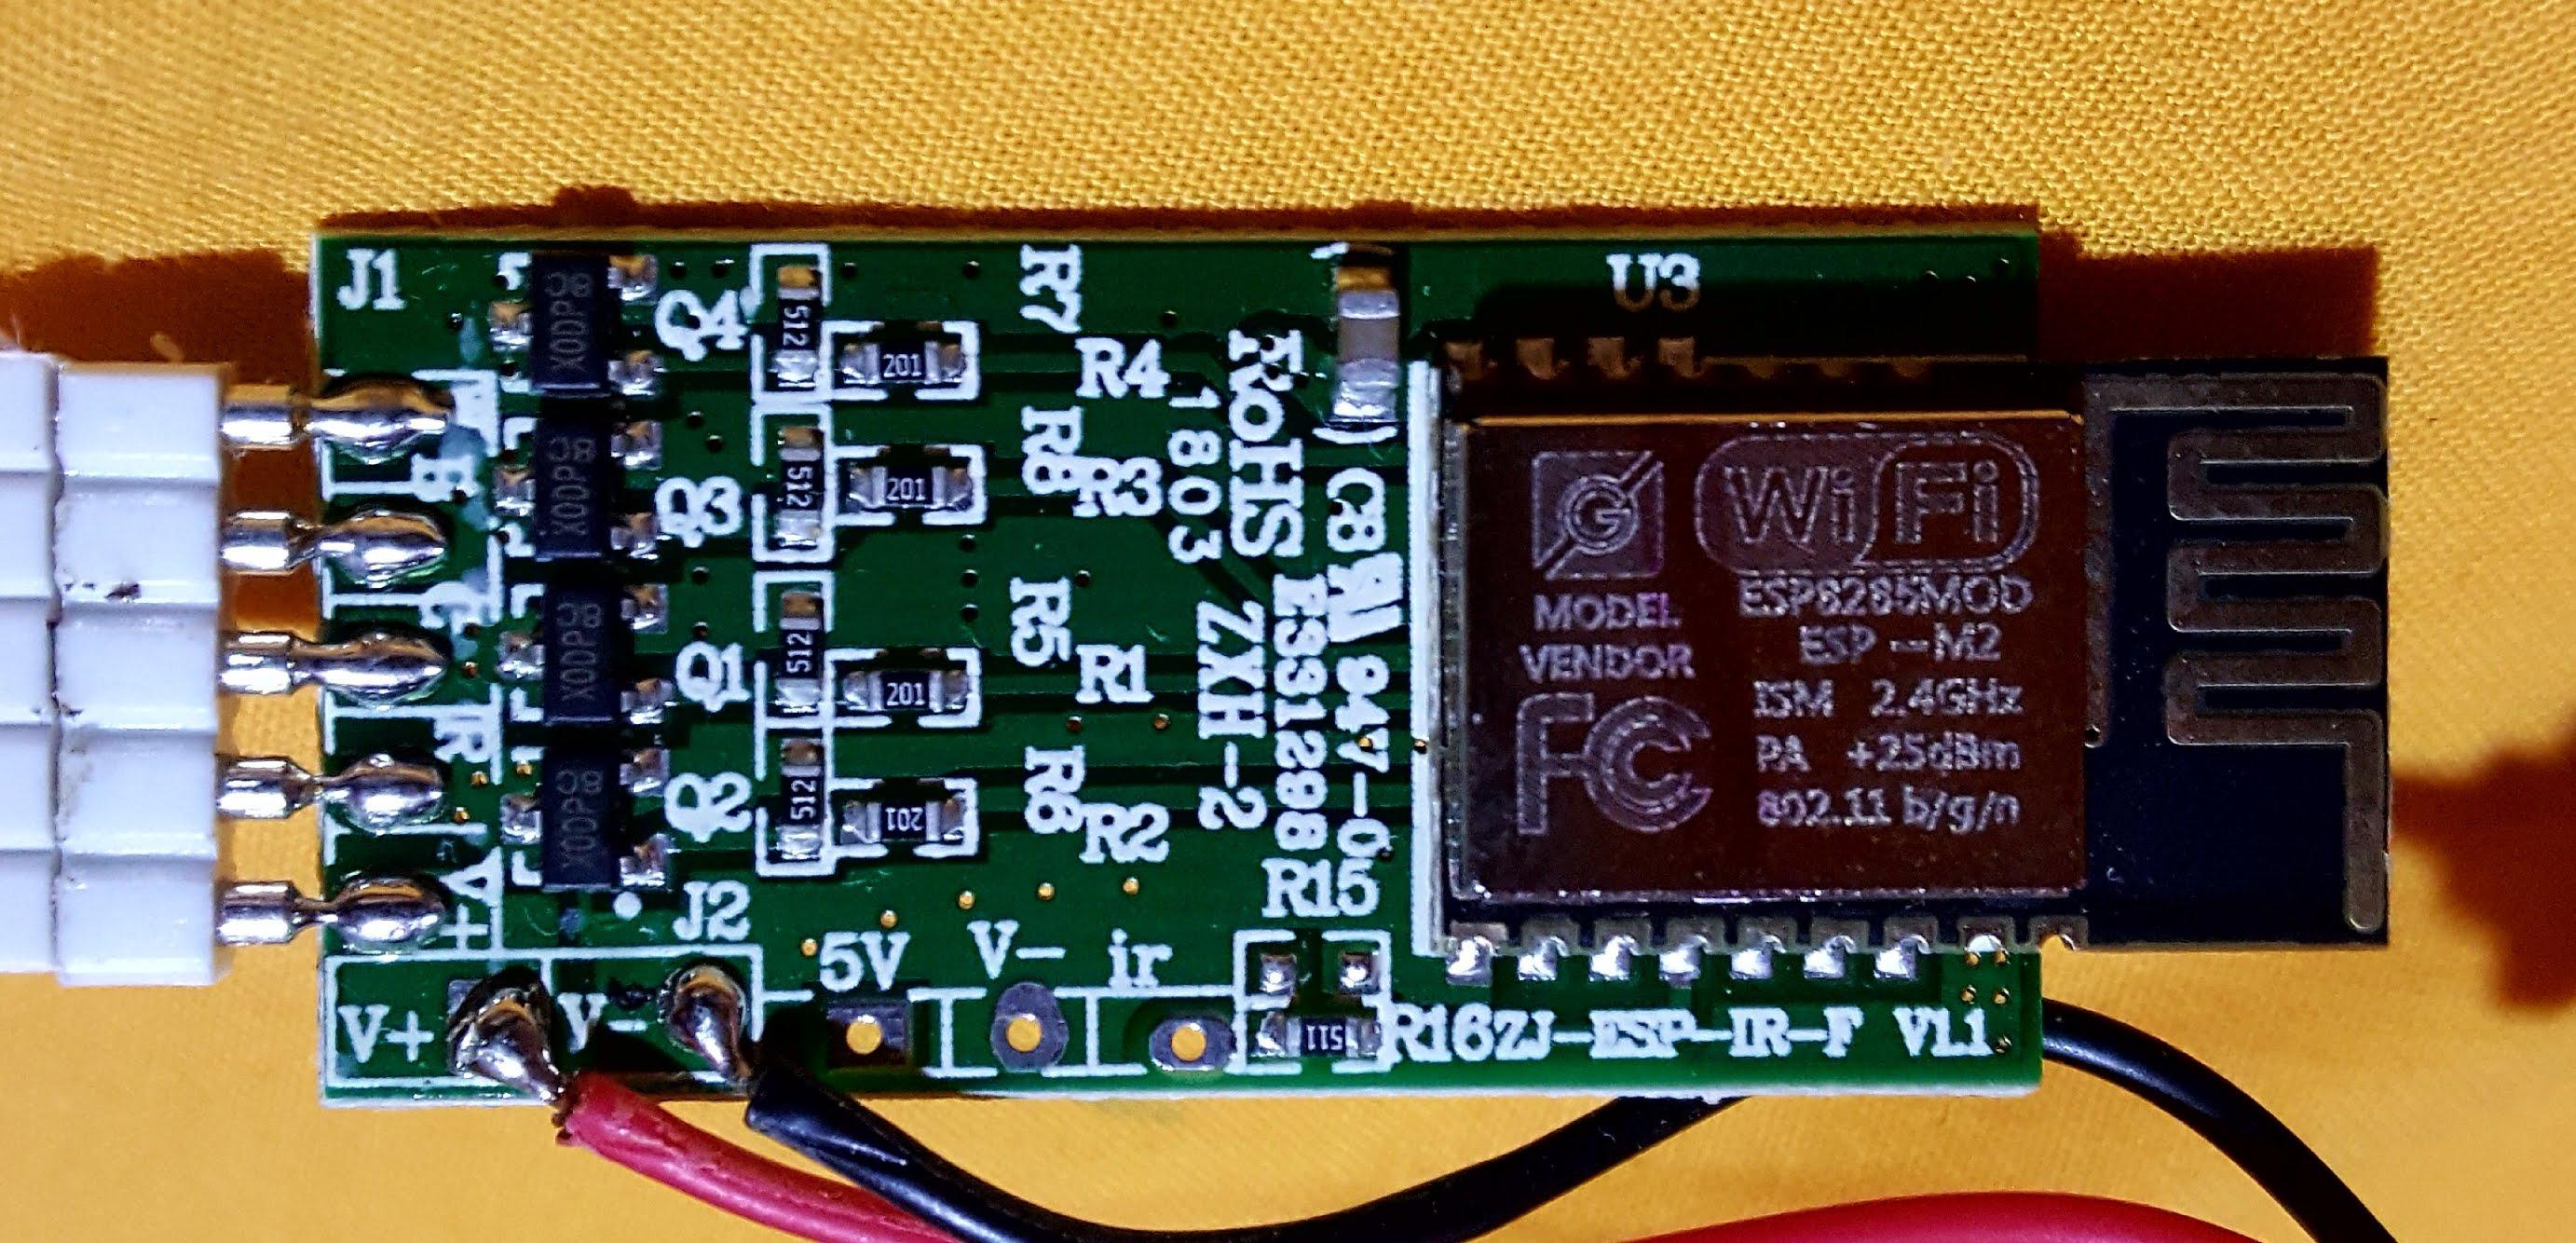 Developers - MagicHome LED (ESP-IR-B-v2 3 / ESP8285MOD ESP-M2) not